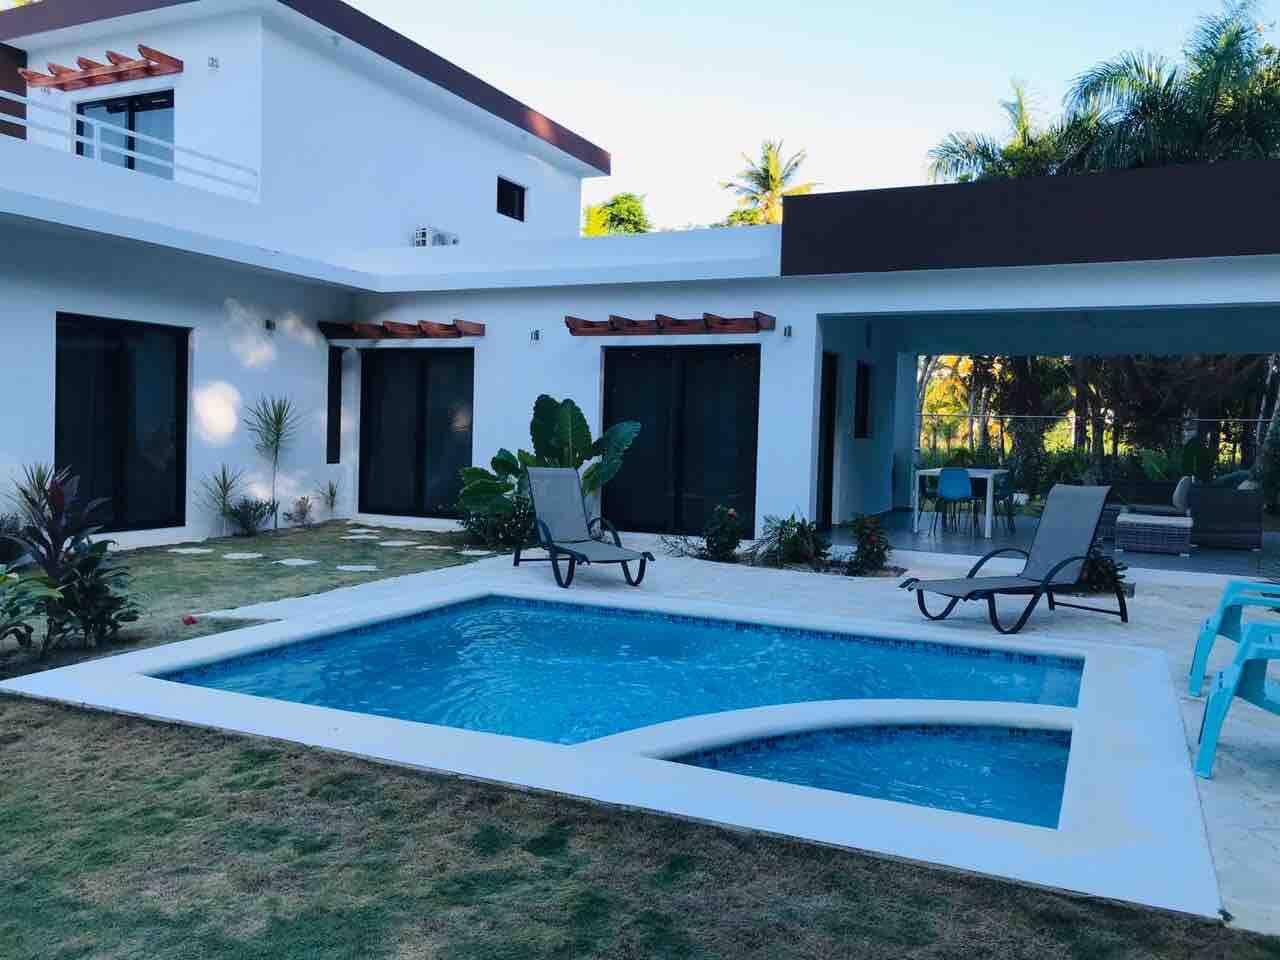 Esta es la parte trasera de la casa donde esta la piscina